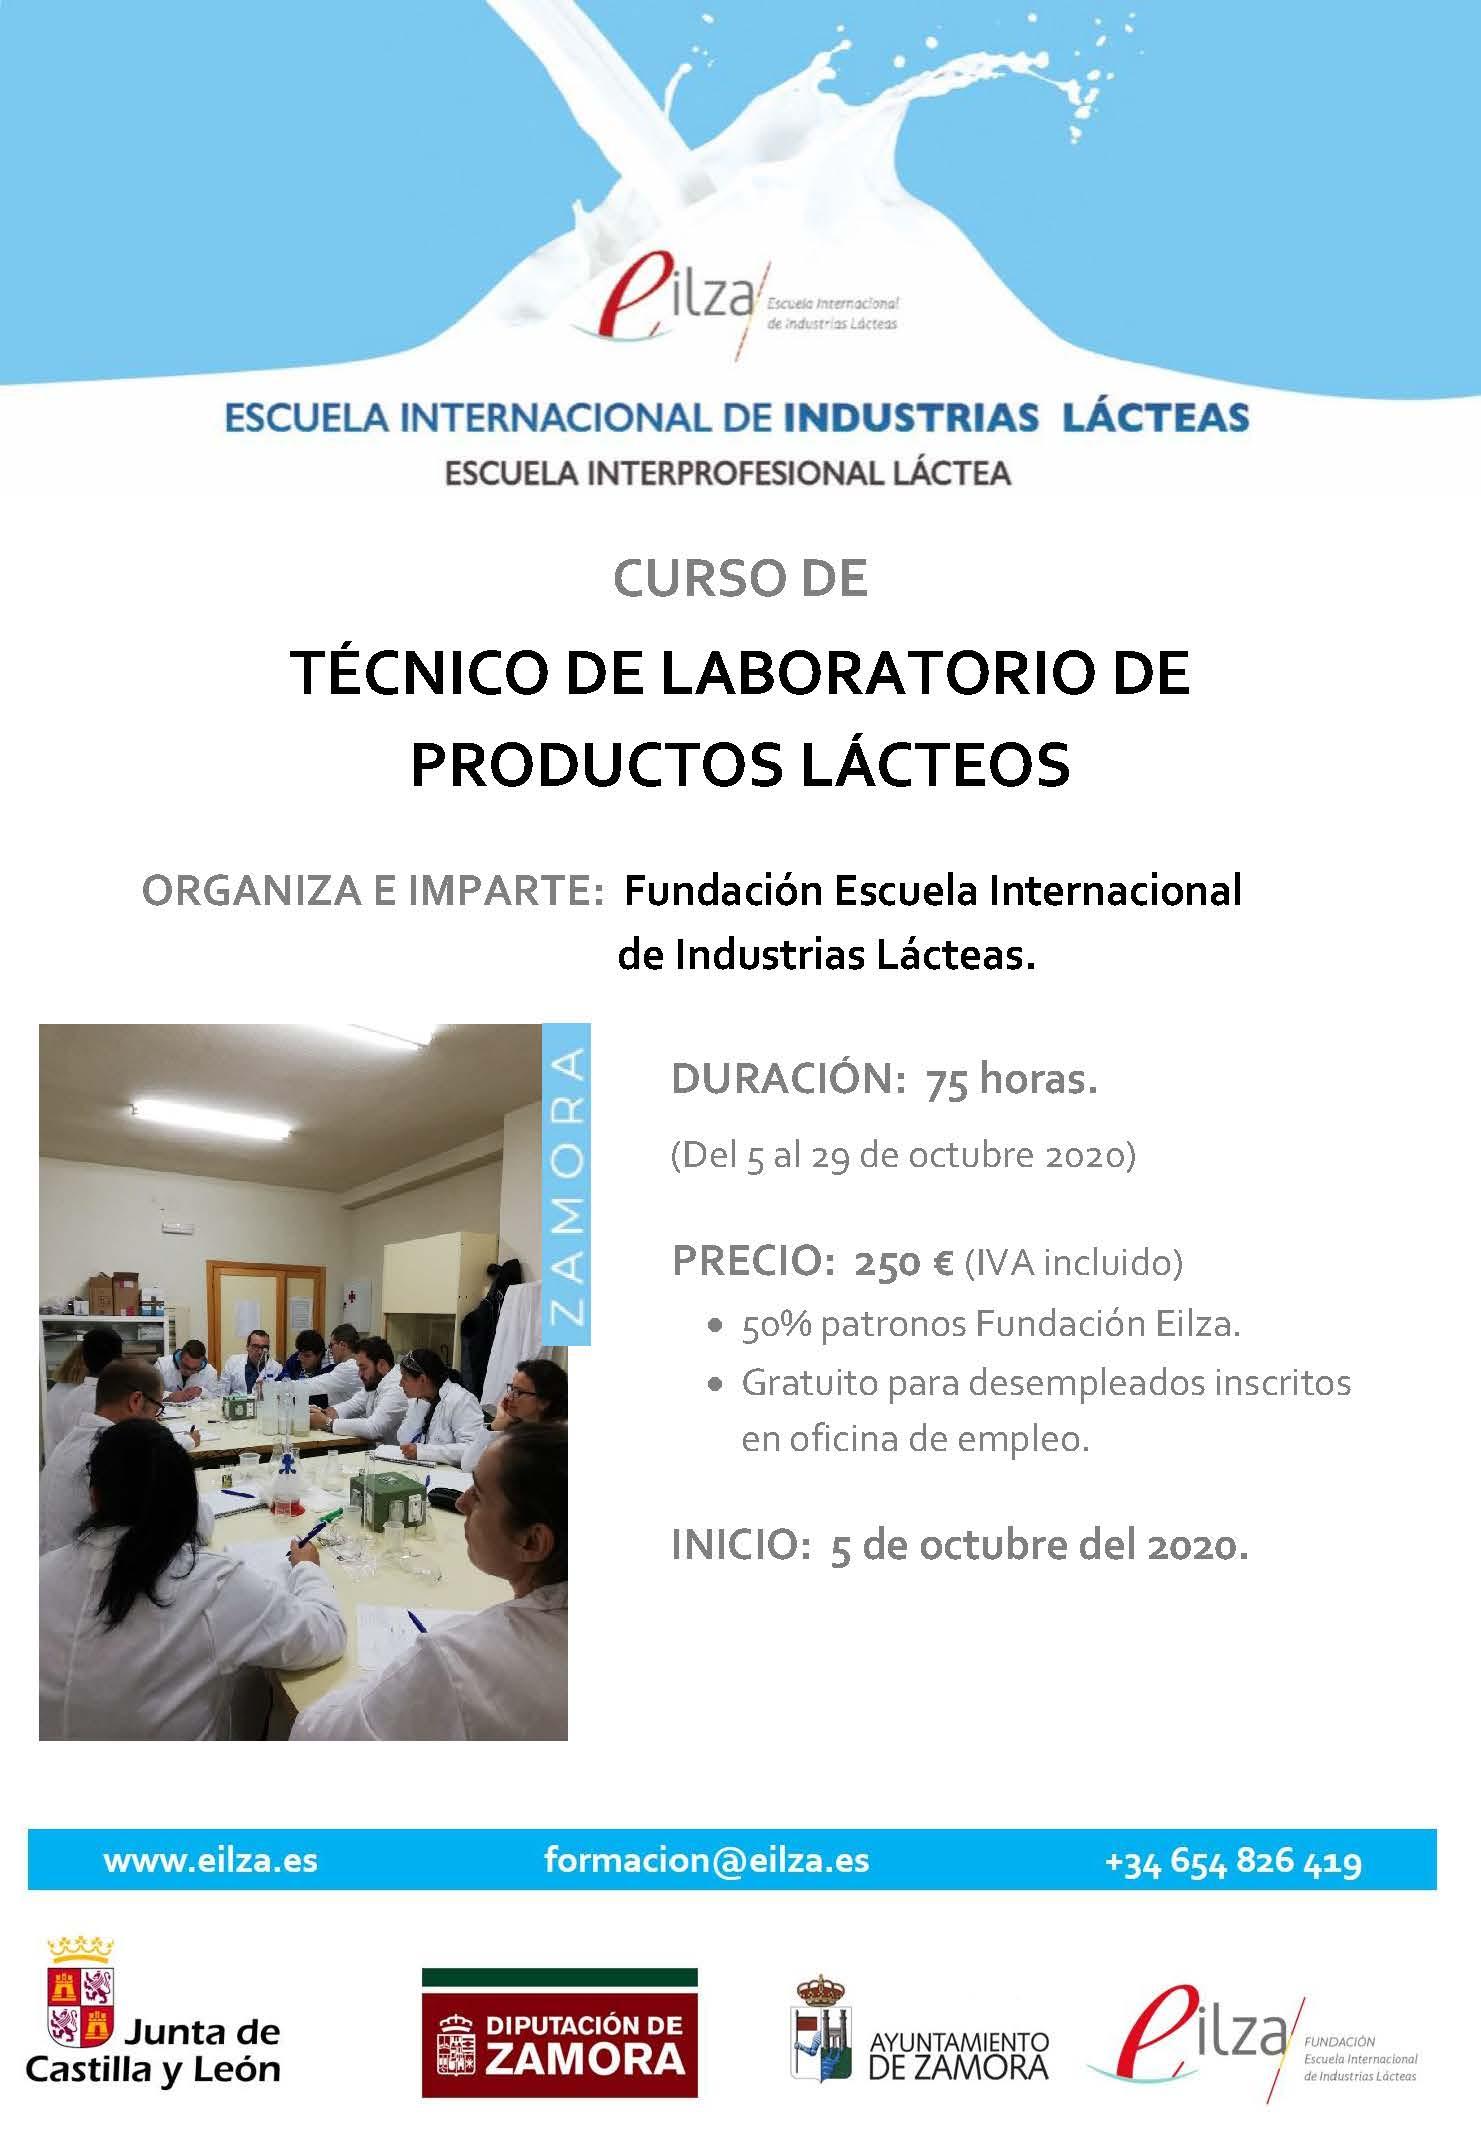 Curso de Técnico de Laboratorio de Productos Lácteos